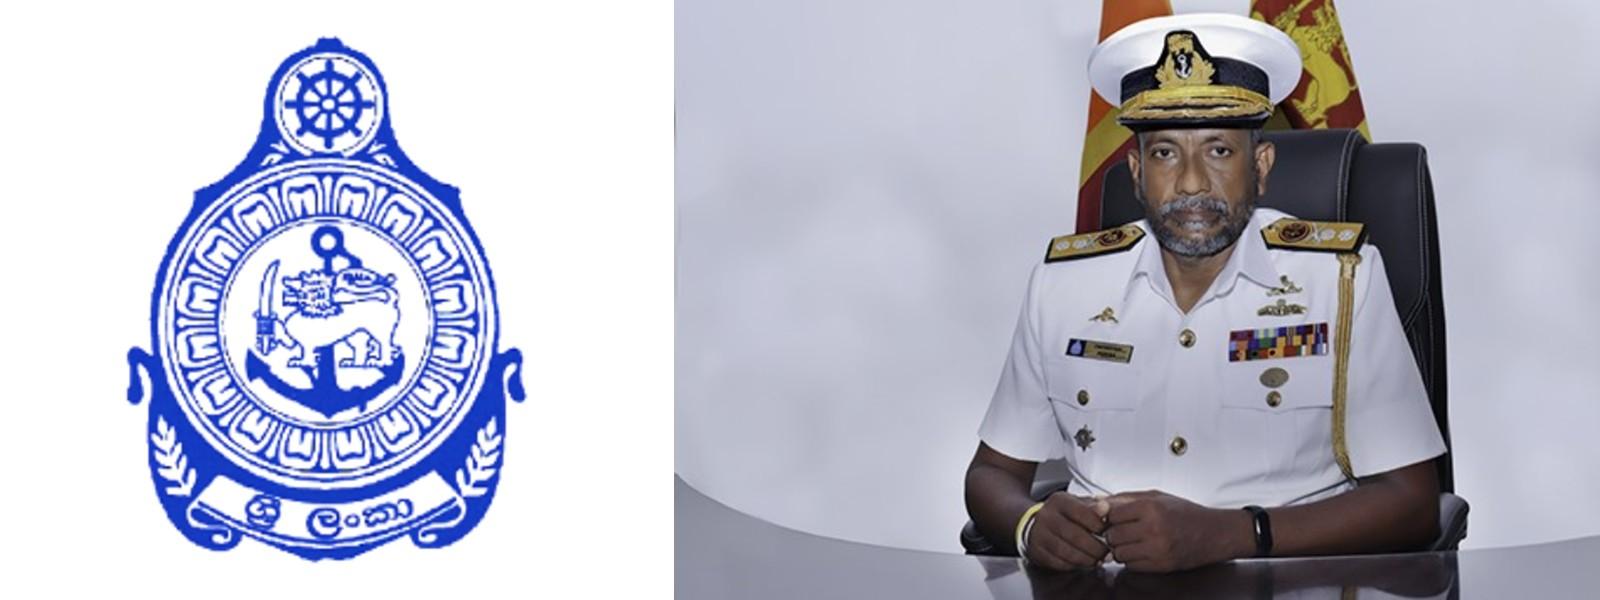 Rear Admiral Priyantha Perera assumed Northern Naval Command